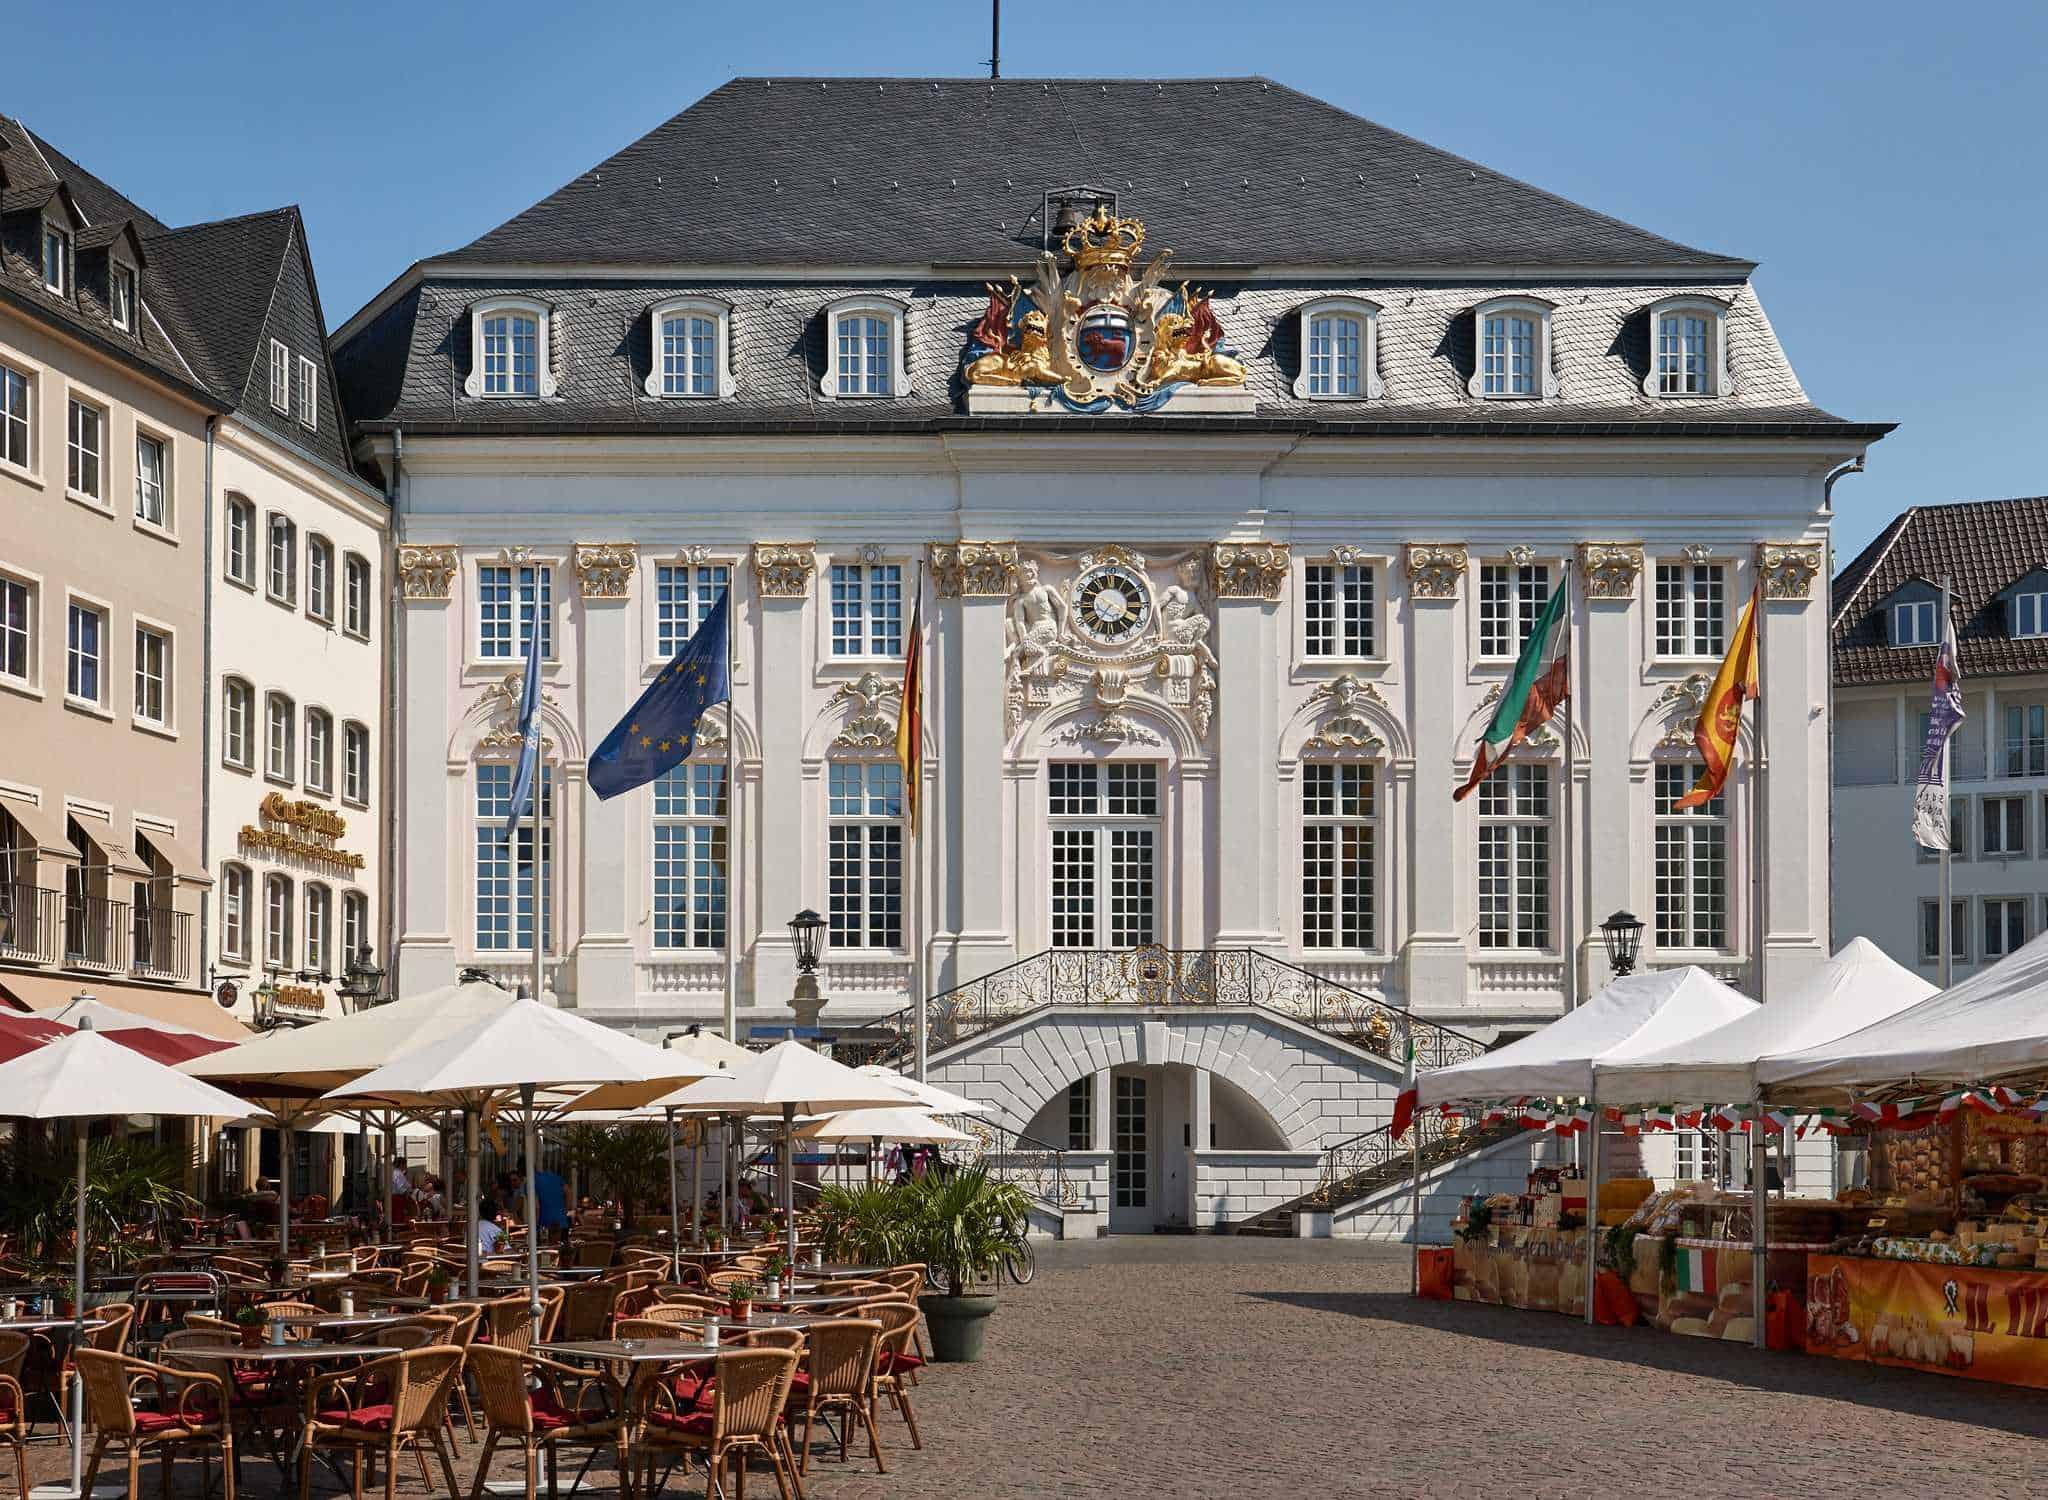 افضل 5 انشطة في بلدة باد غودسبيرغ بون المانيا